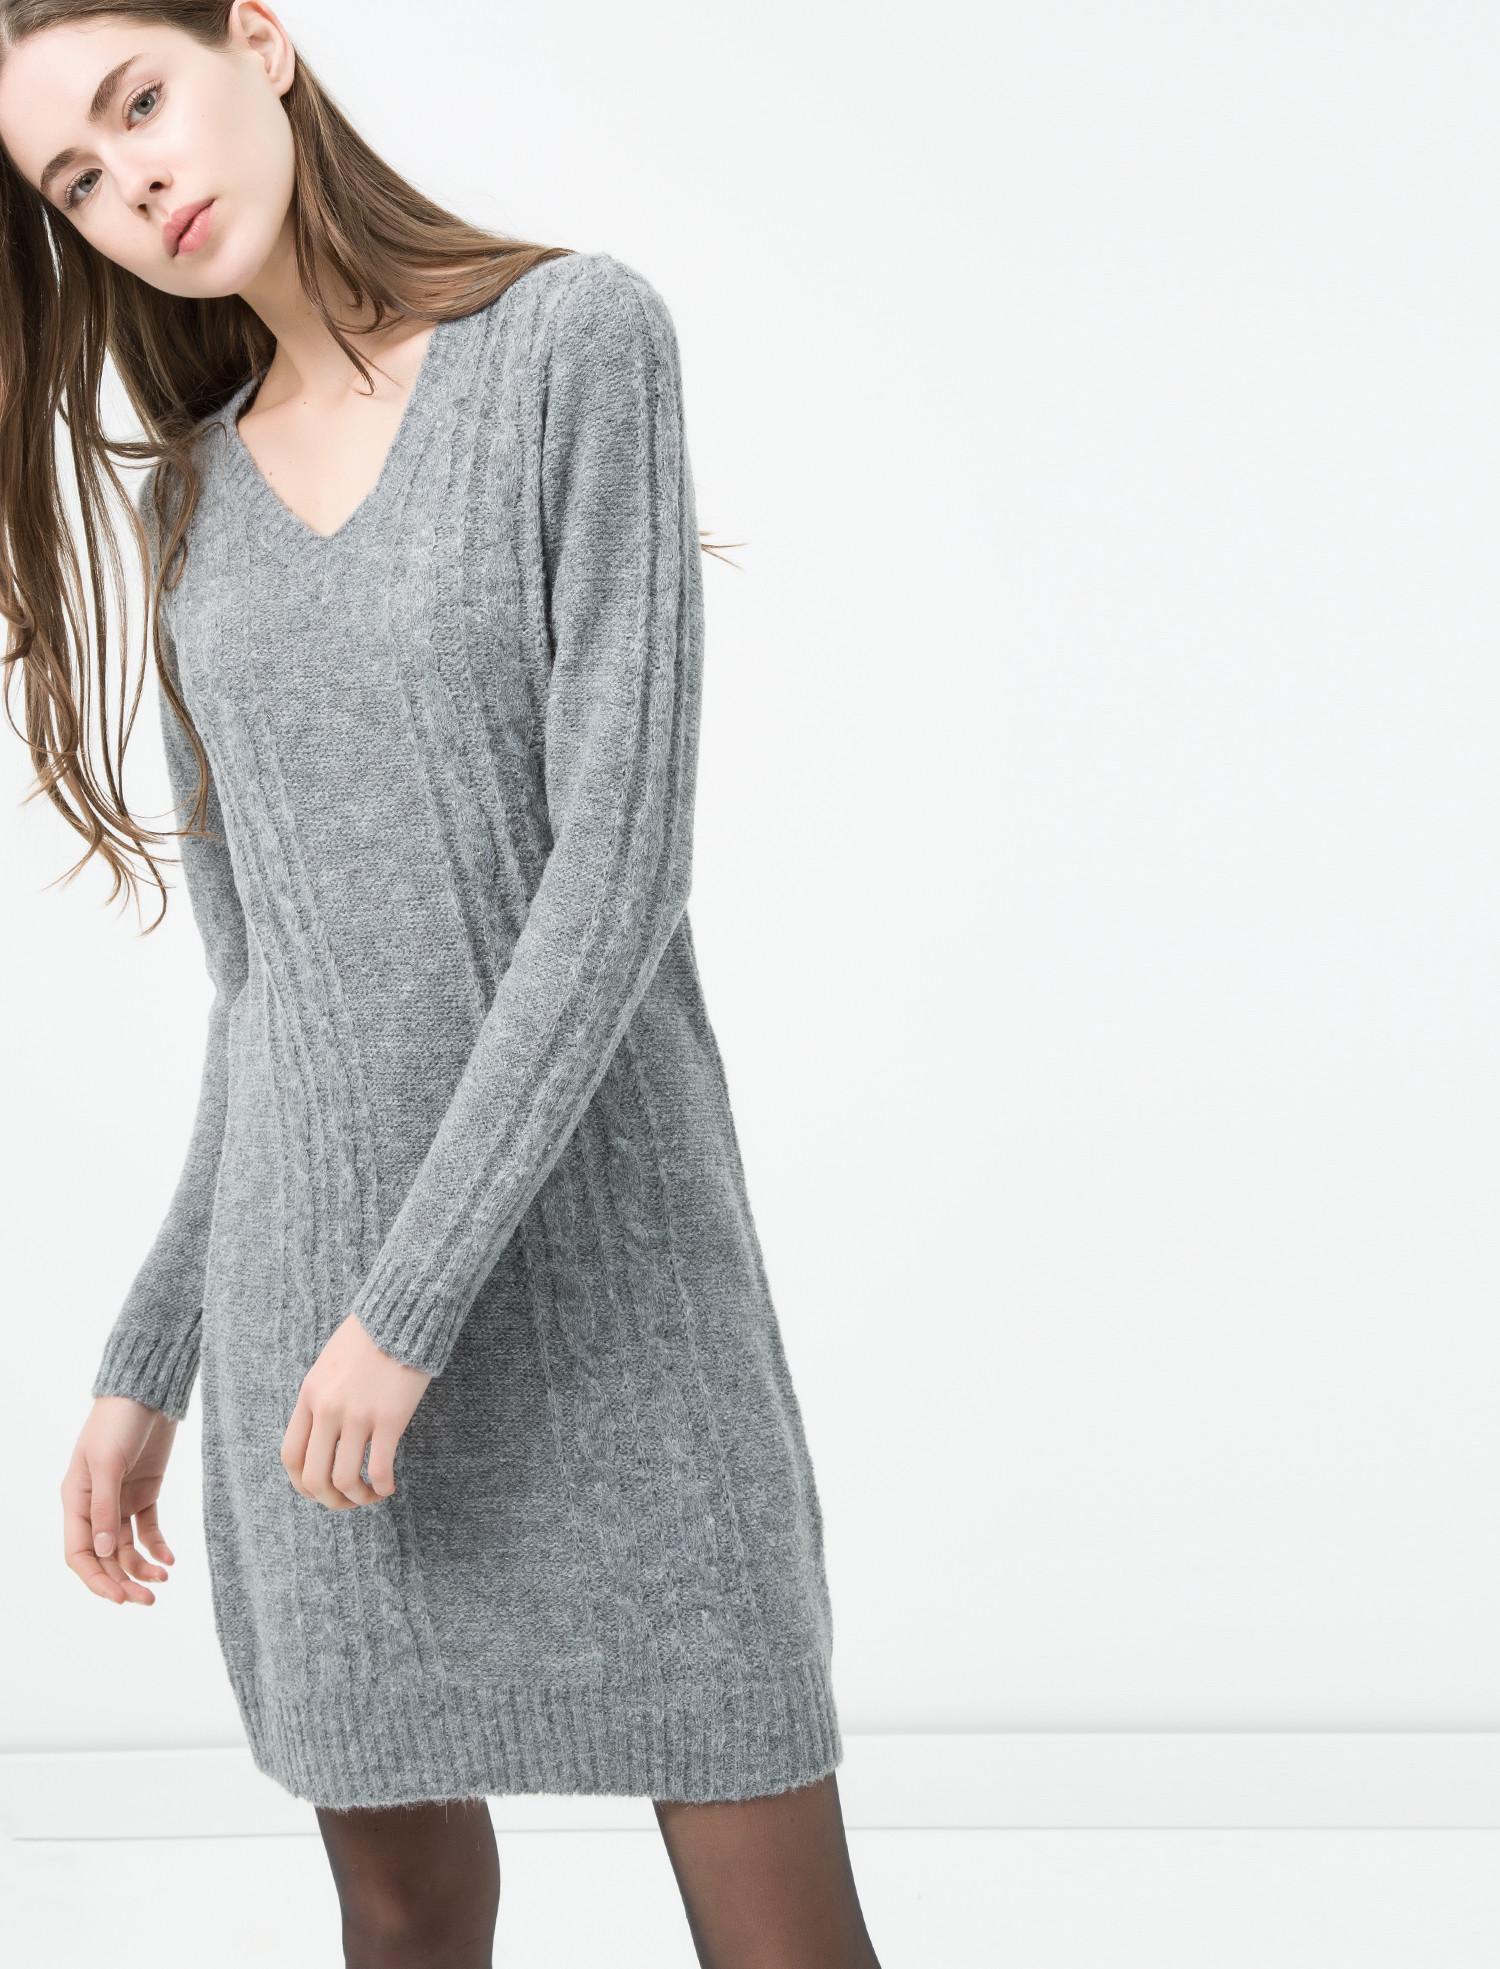 orgu-bayan-elbise-modelleri3